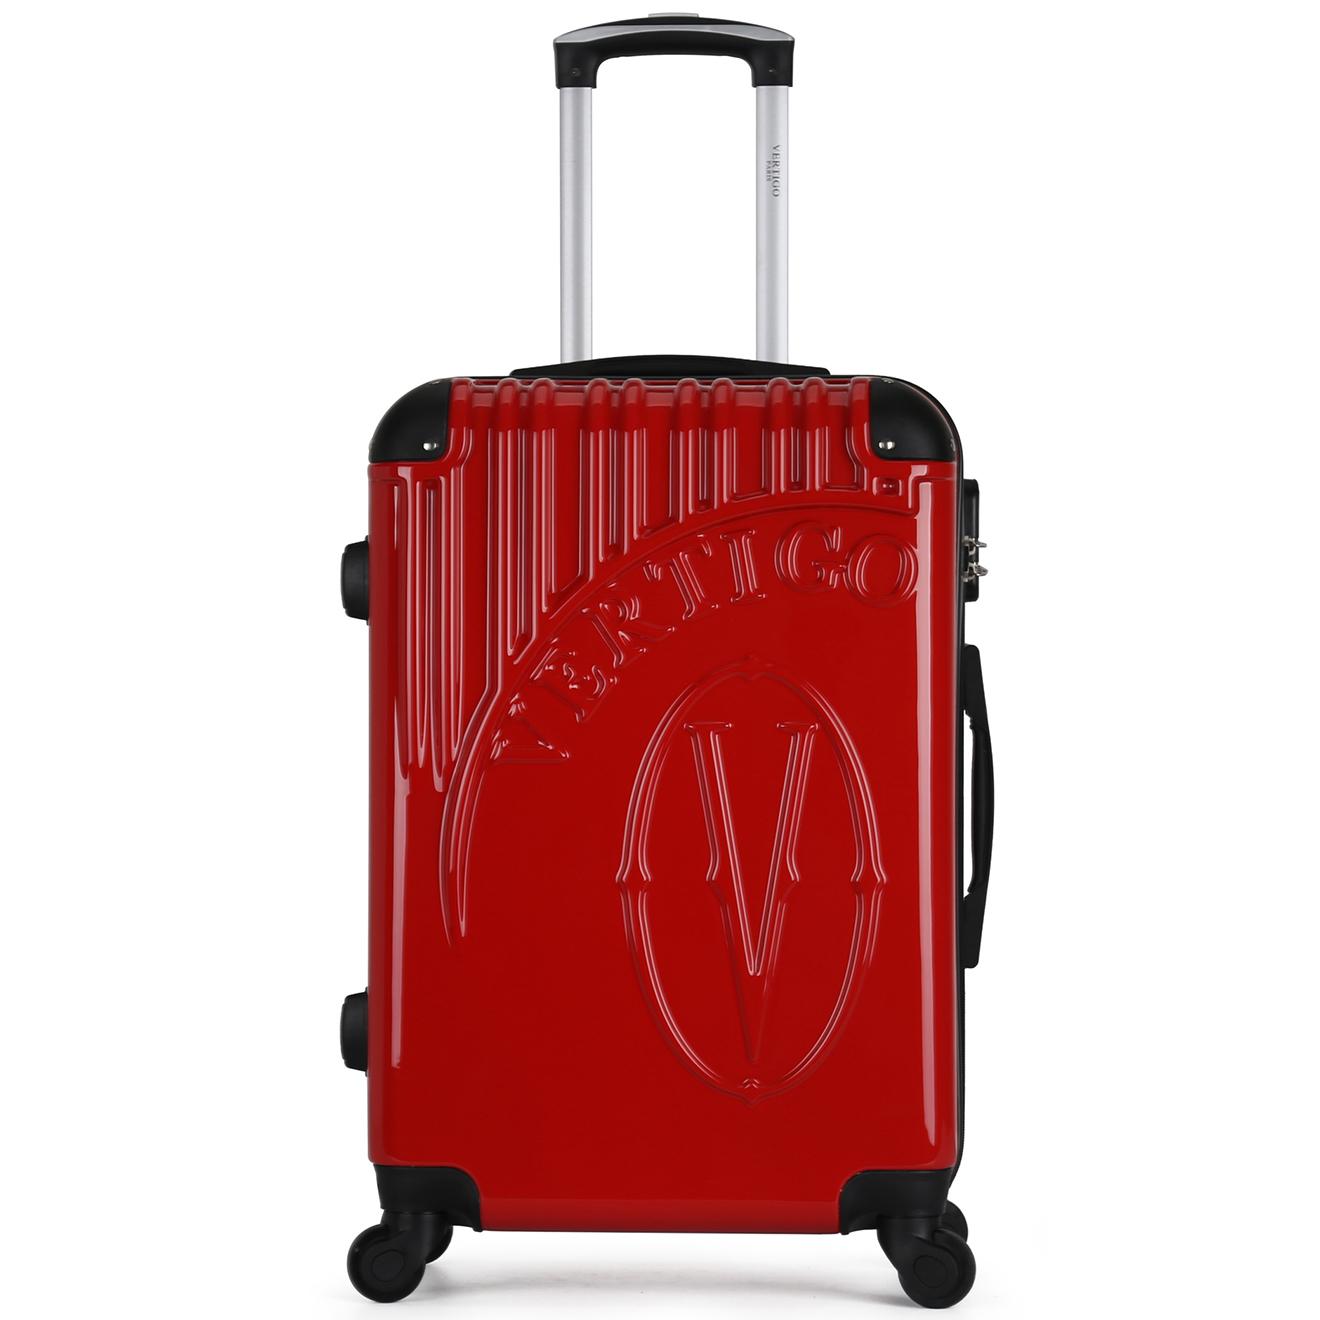 Valise Cabine 4 roues Osaka 52 cm rouge